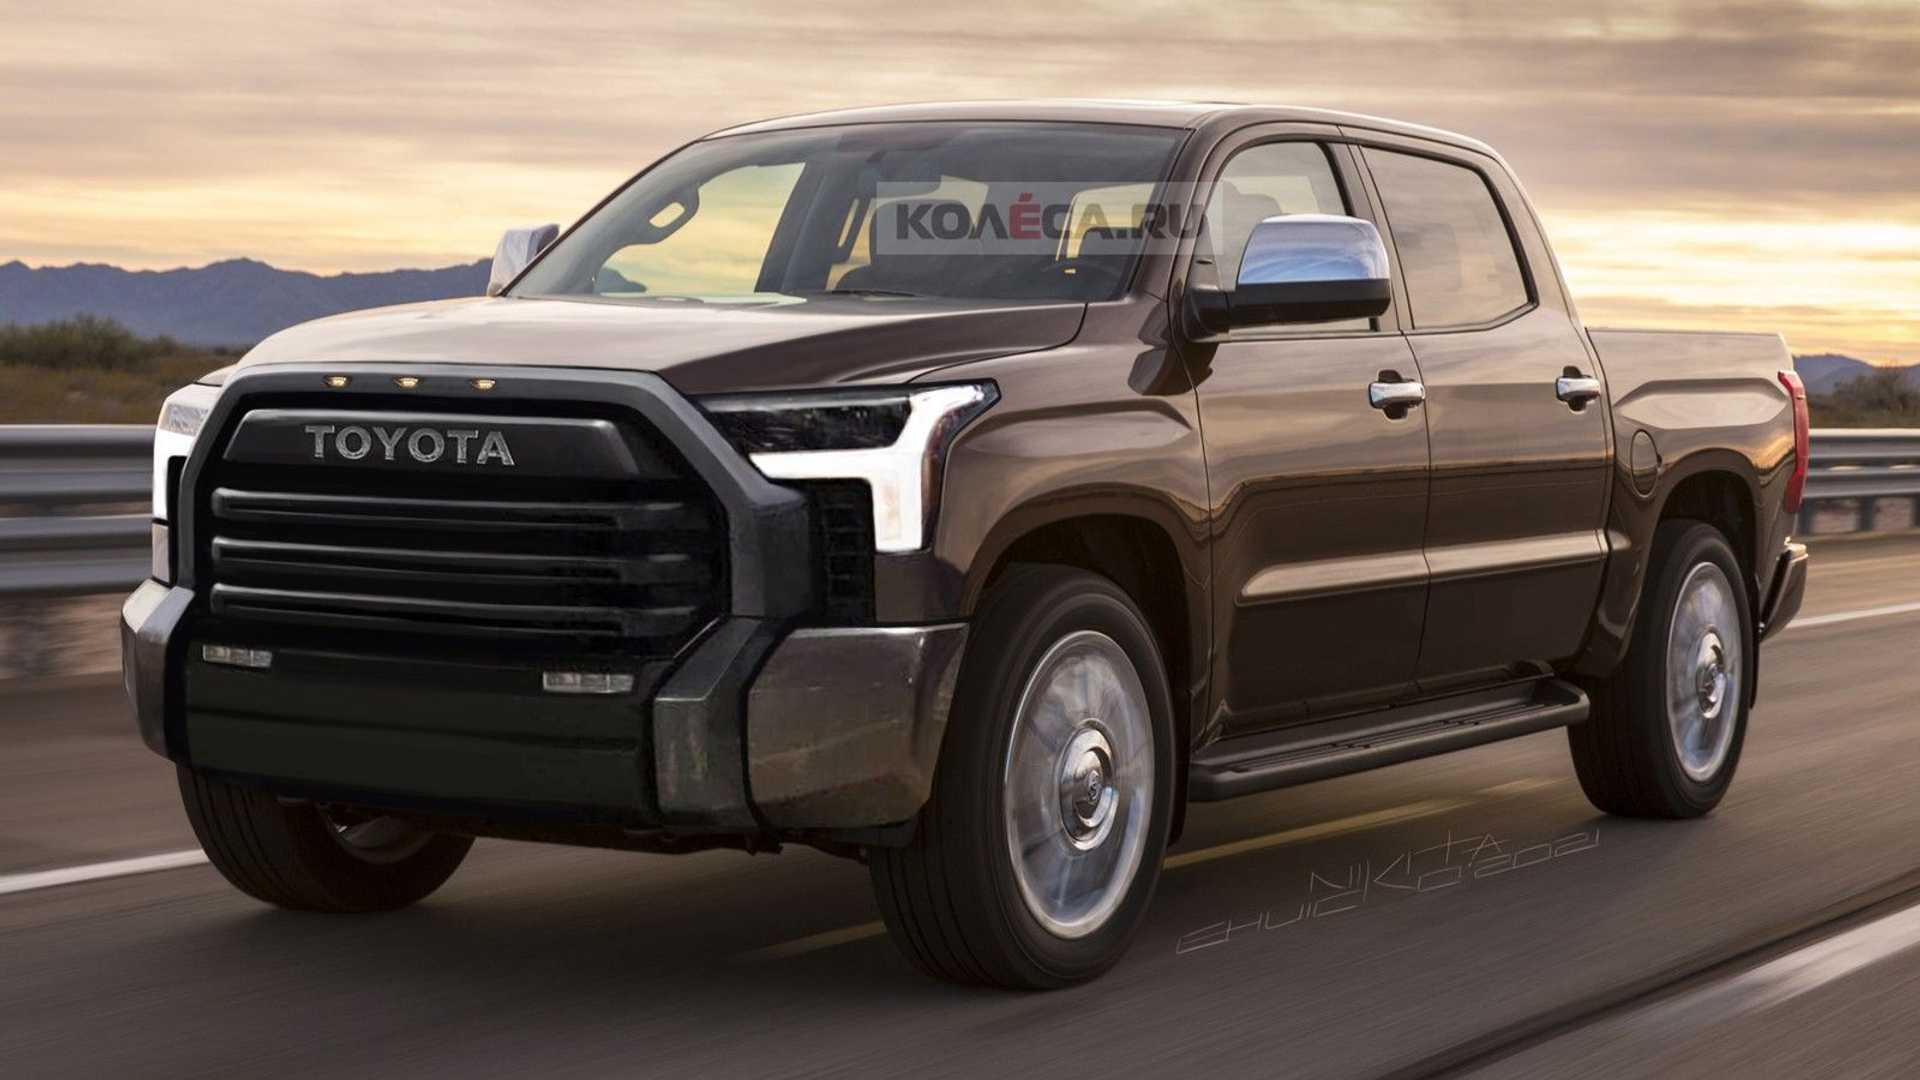 تاندرا 2022..ثورة جديدة في عالم الشاحنات البيك أب - تويوتا تاندرا 2022..ثورة جديدة في عالم الشاحنات البيك أب